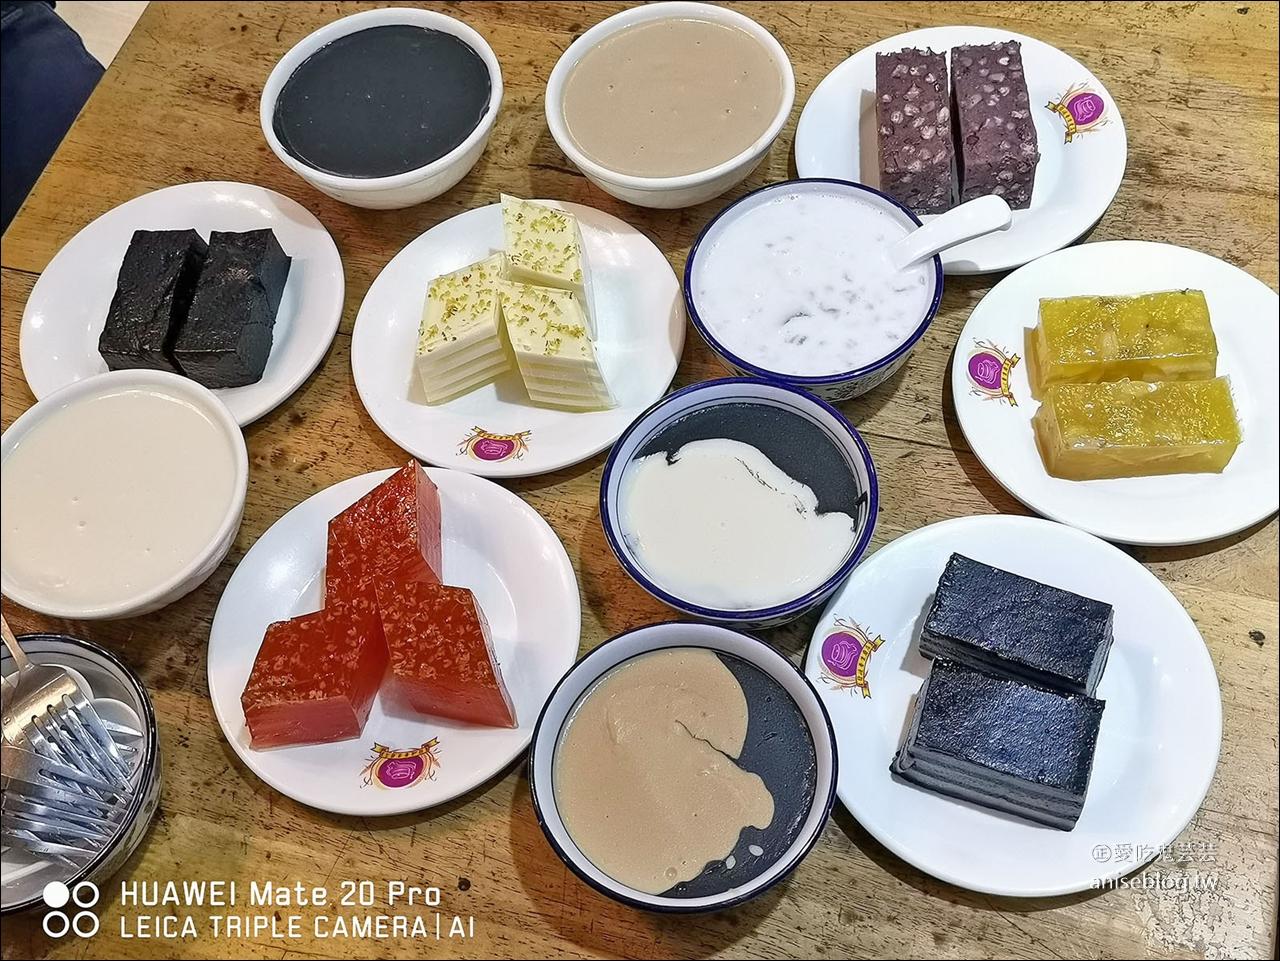 澳門甜品 | 發嫂養生磨房,在地人強推的傳統甜品 @愛吃鬼芸芸